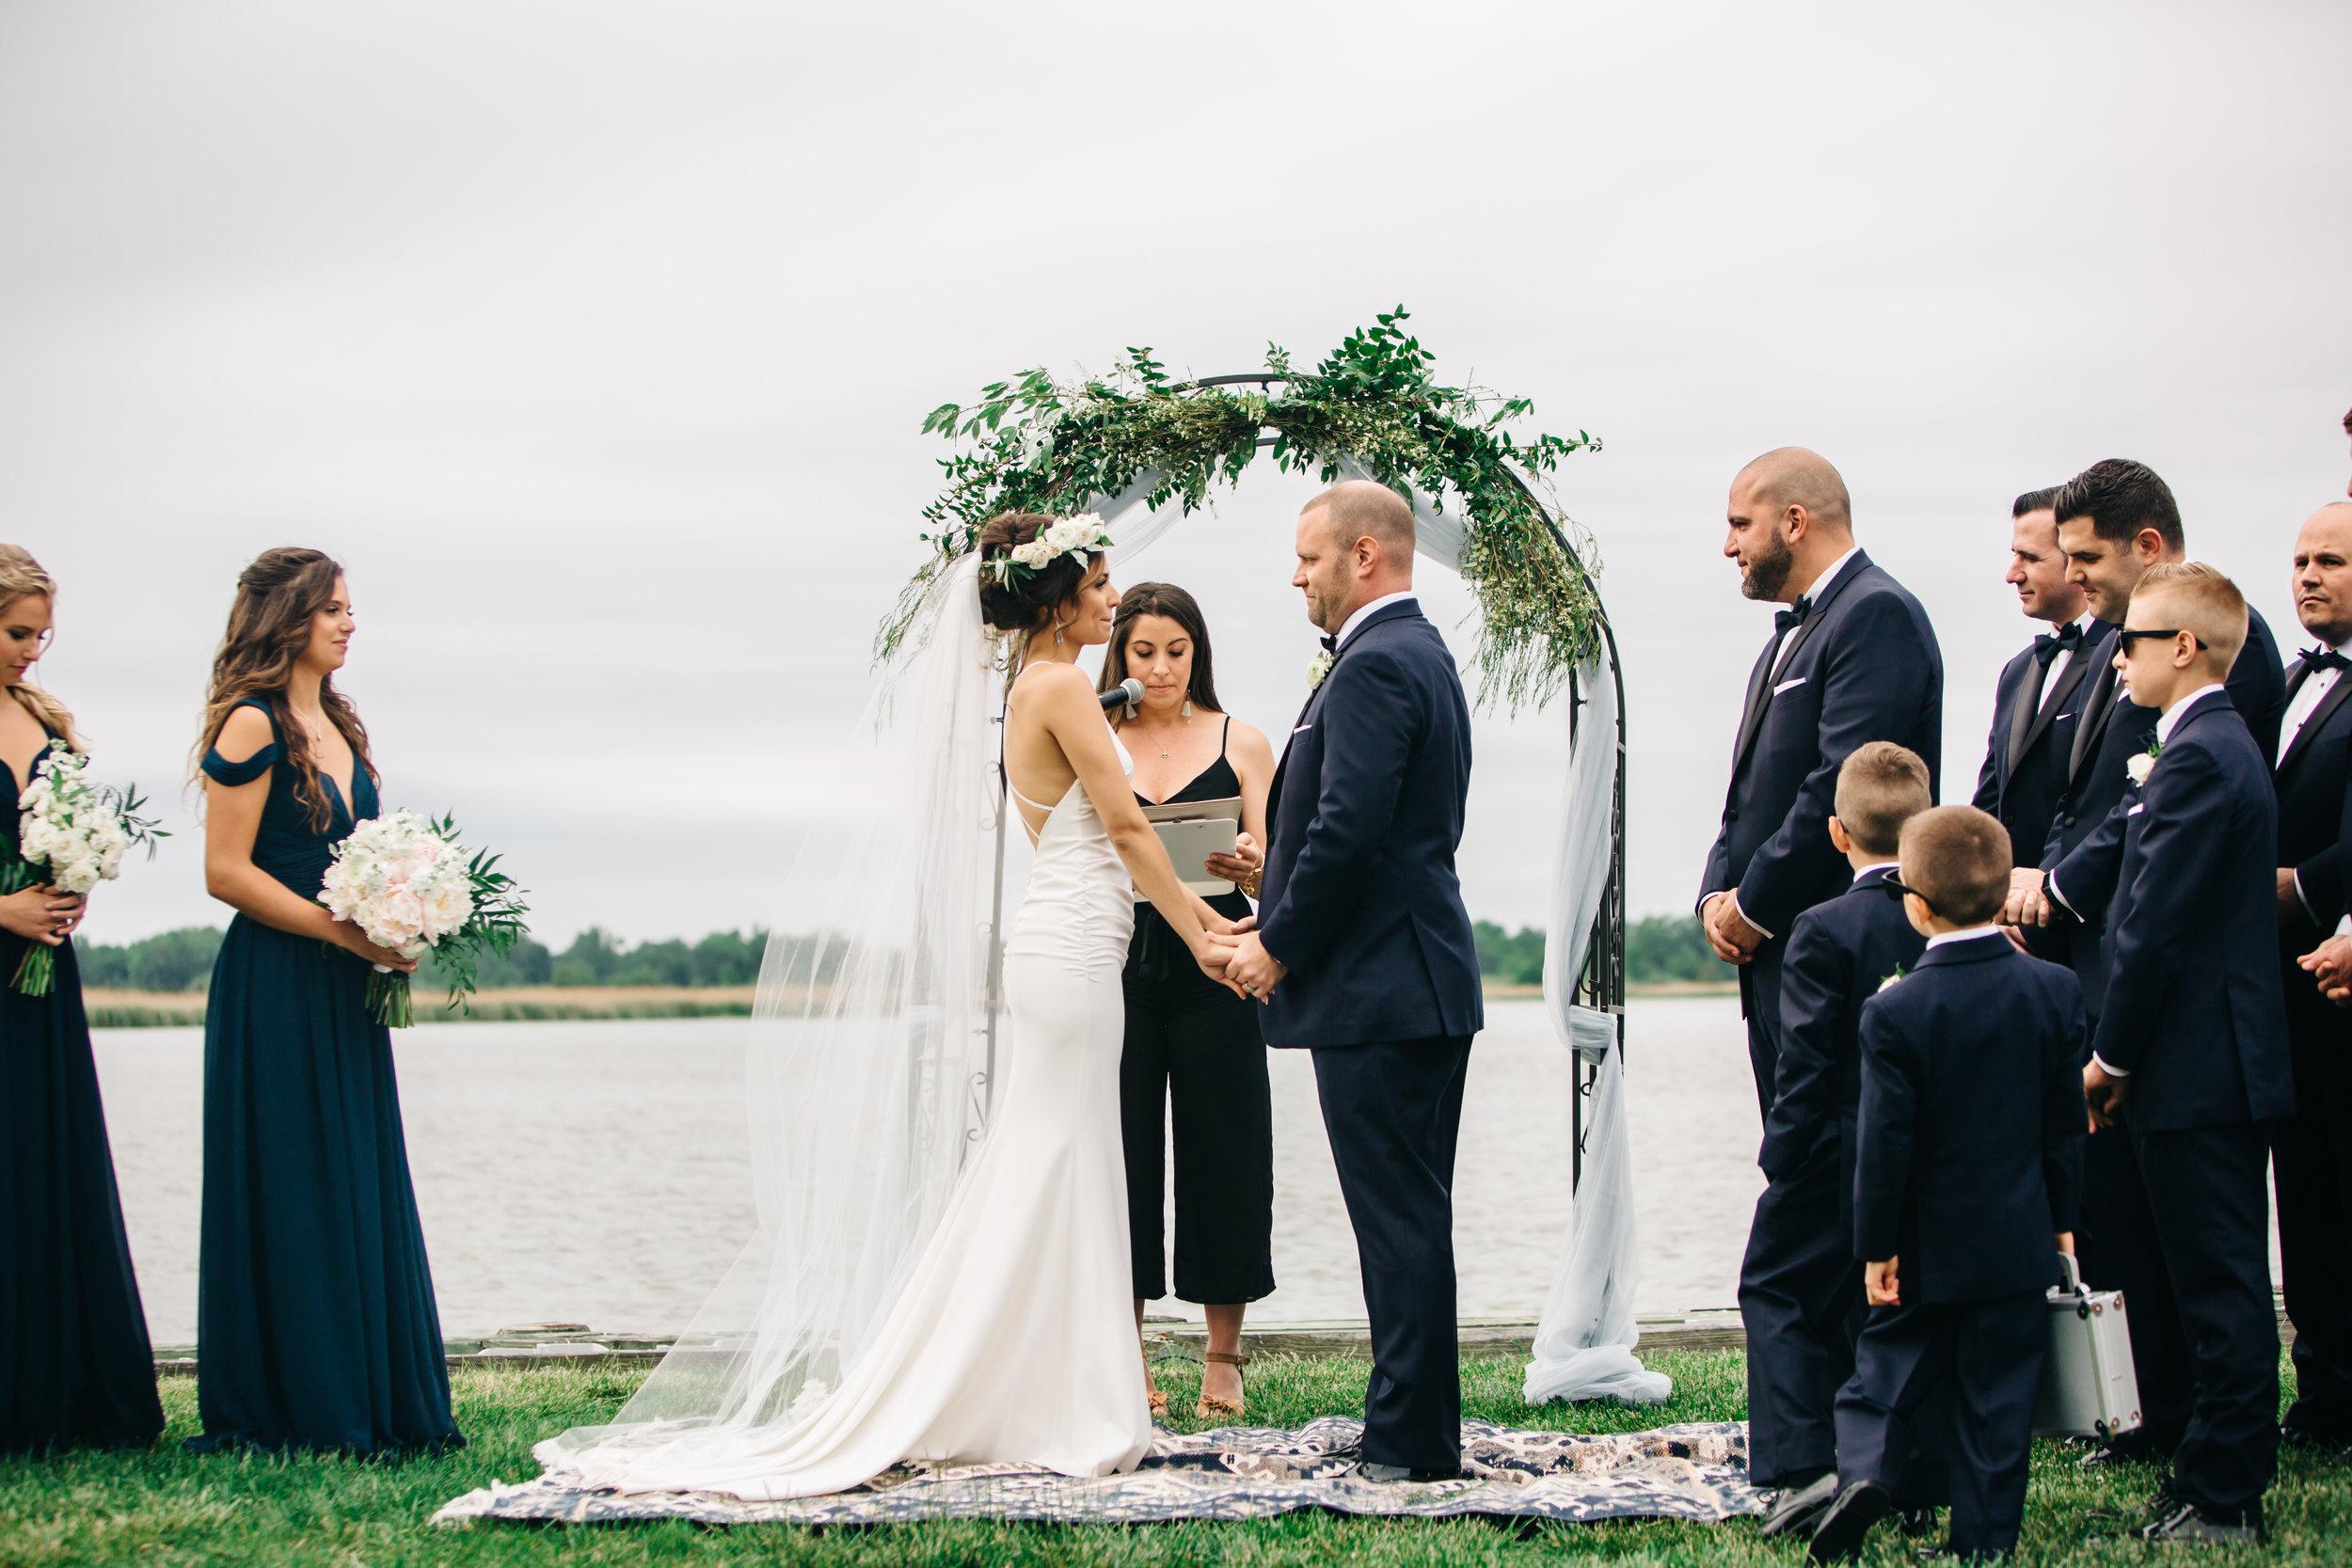 Joe and Renee wedding ceremony